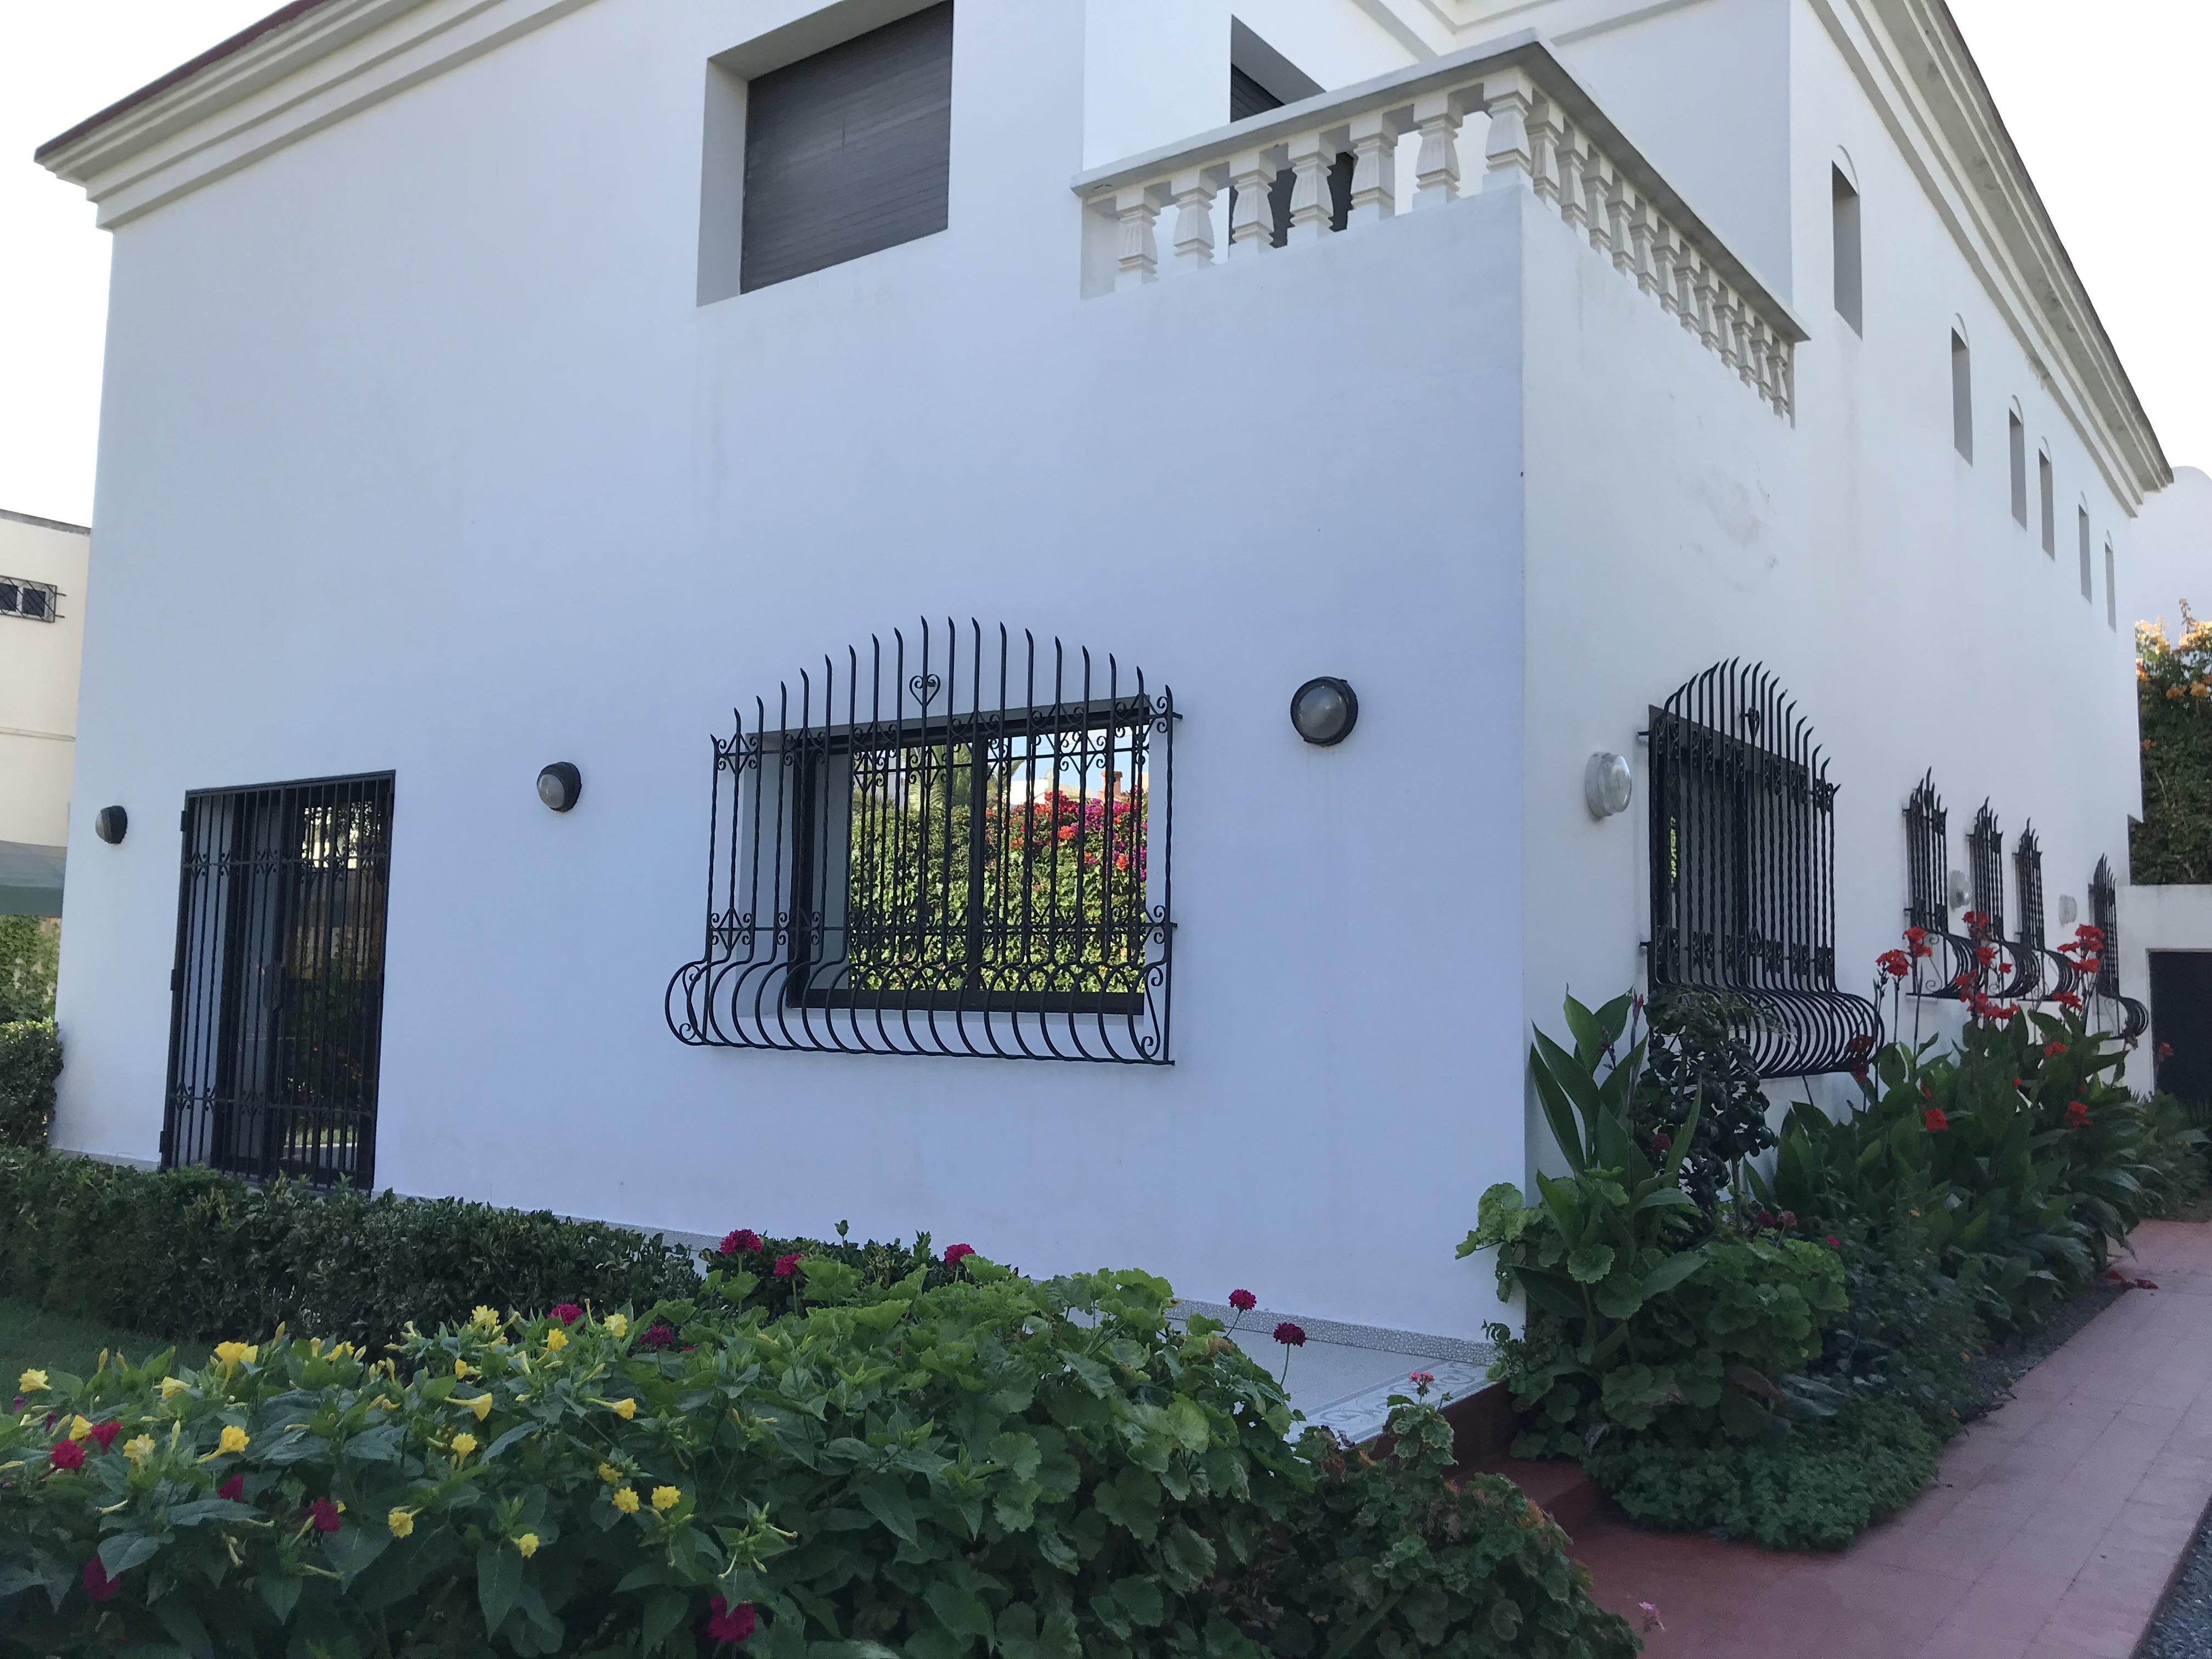 À louer villa meublée Harhoura Rabat au quartier Beethoven plage